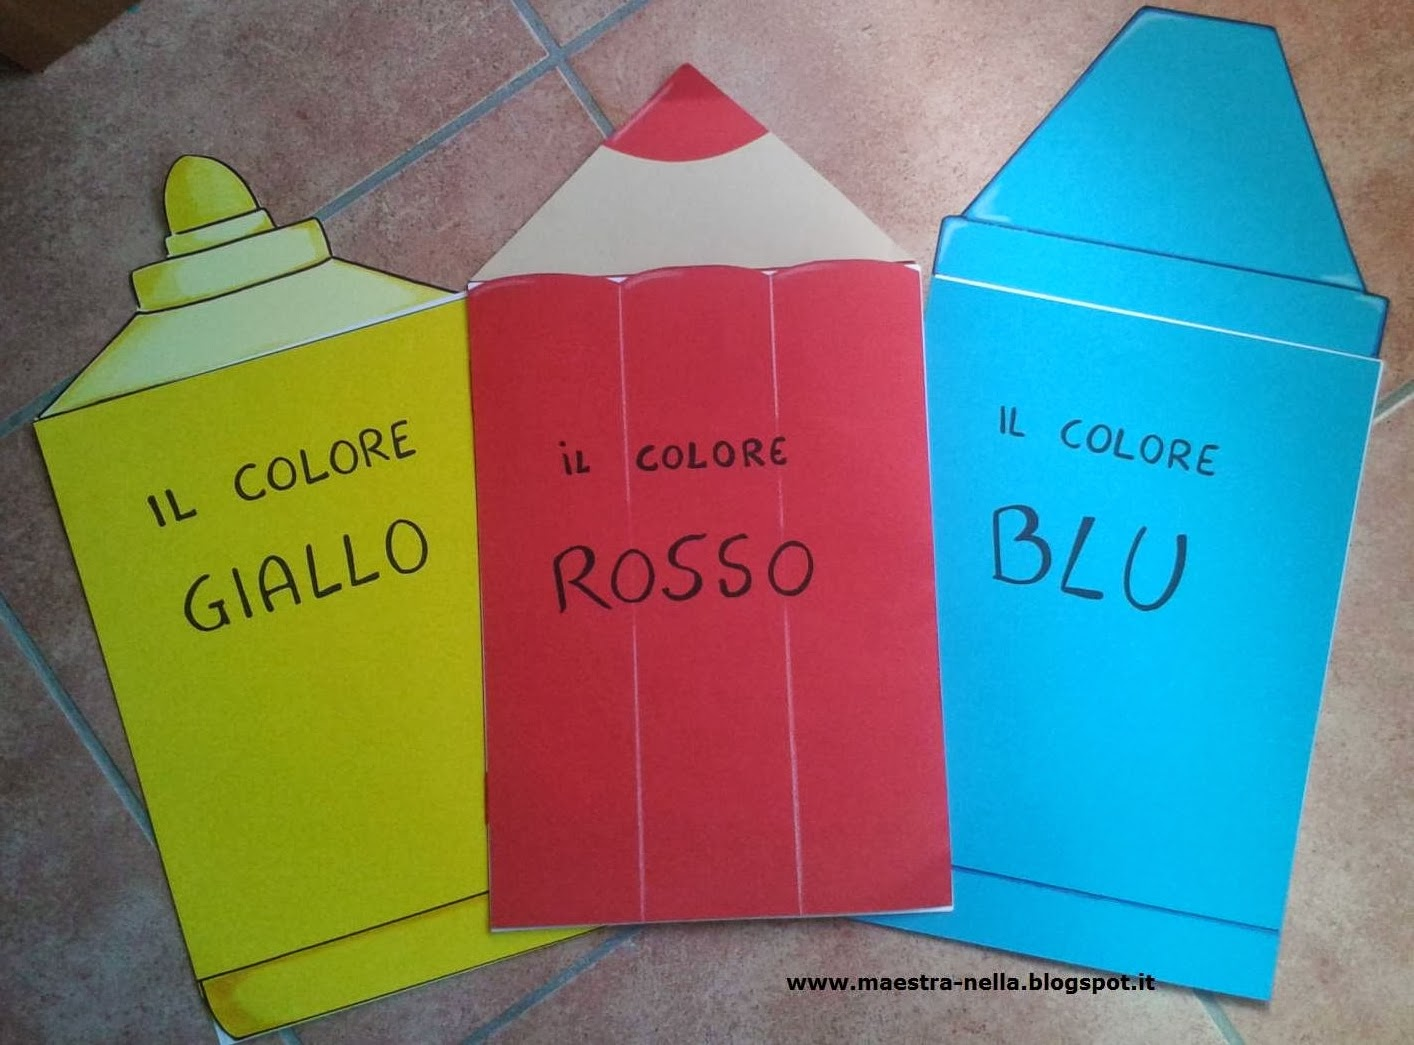 Assez La Scatola Dei Colori (Antonia Gatto)Uda Per Una Sezione  IO83